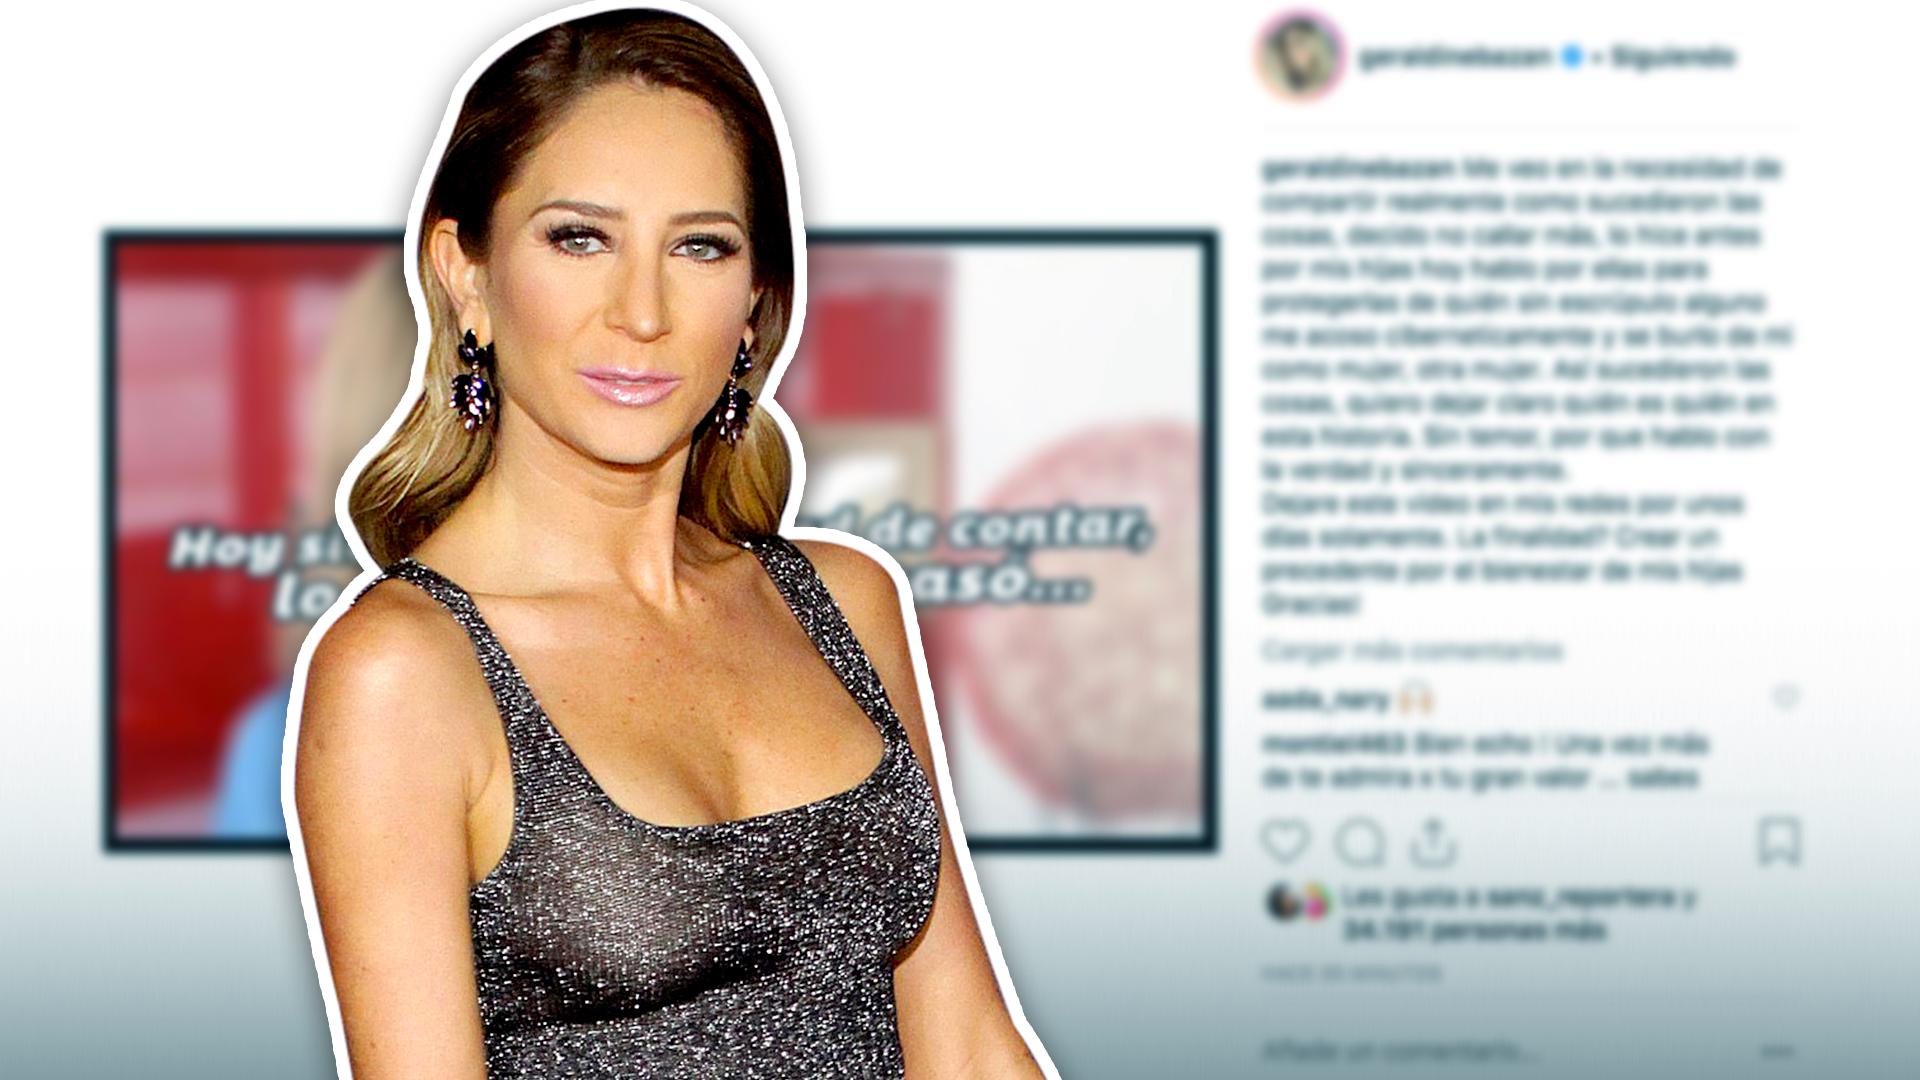 Estos son los famosos que han reaccionado a las revelaciones que hizo Geraldine Bazán en su polémico video